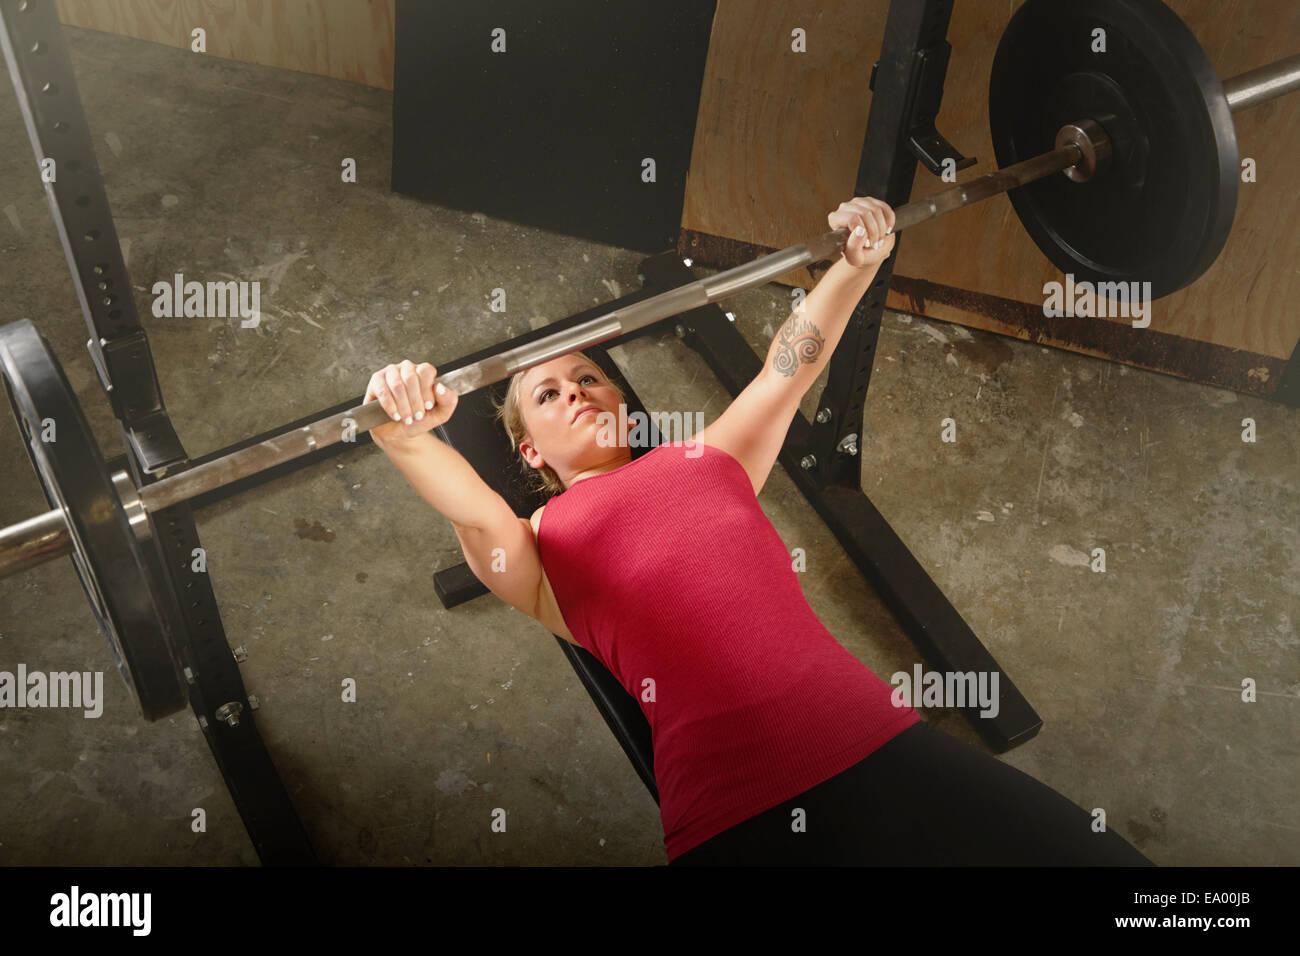 Mitad hembra adulto levantador de pesas levantamiento barbell en gimnasio Imagen De Stock